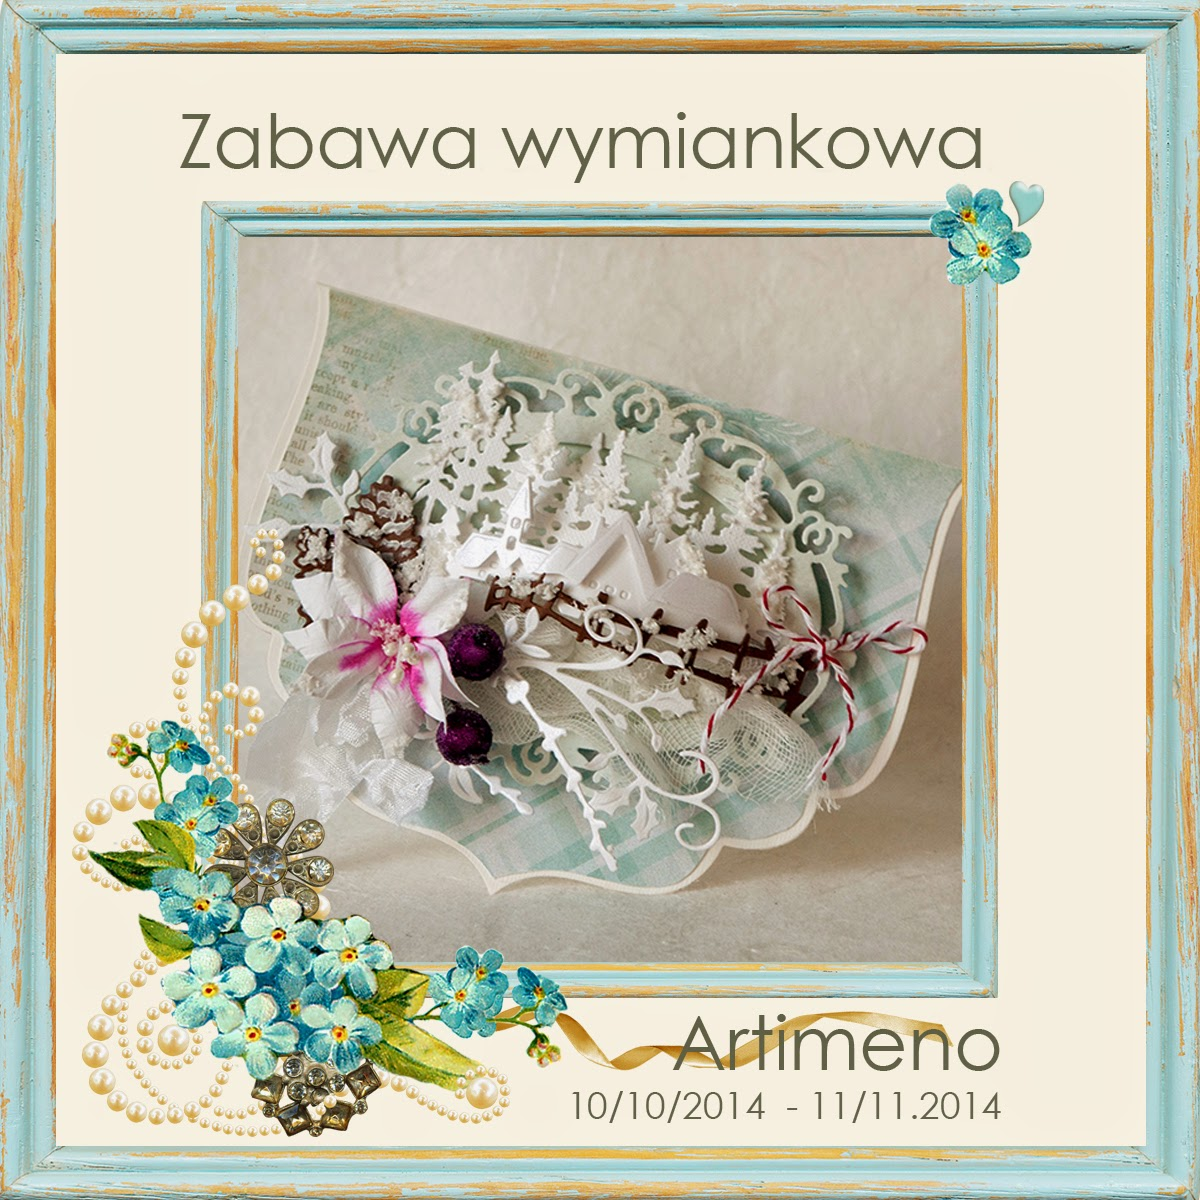 http://artimeno.blogspot.co.uk/2014/10/zabawa-wymiankowa-kartki-swiateczne.html?